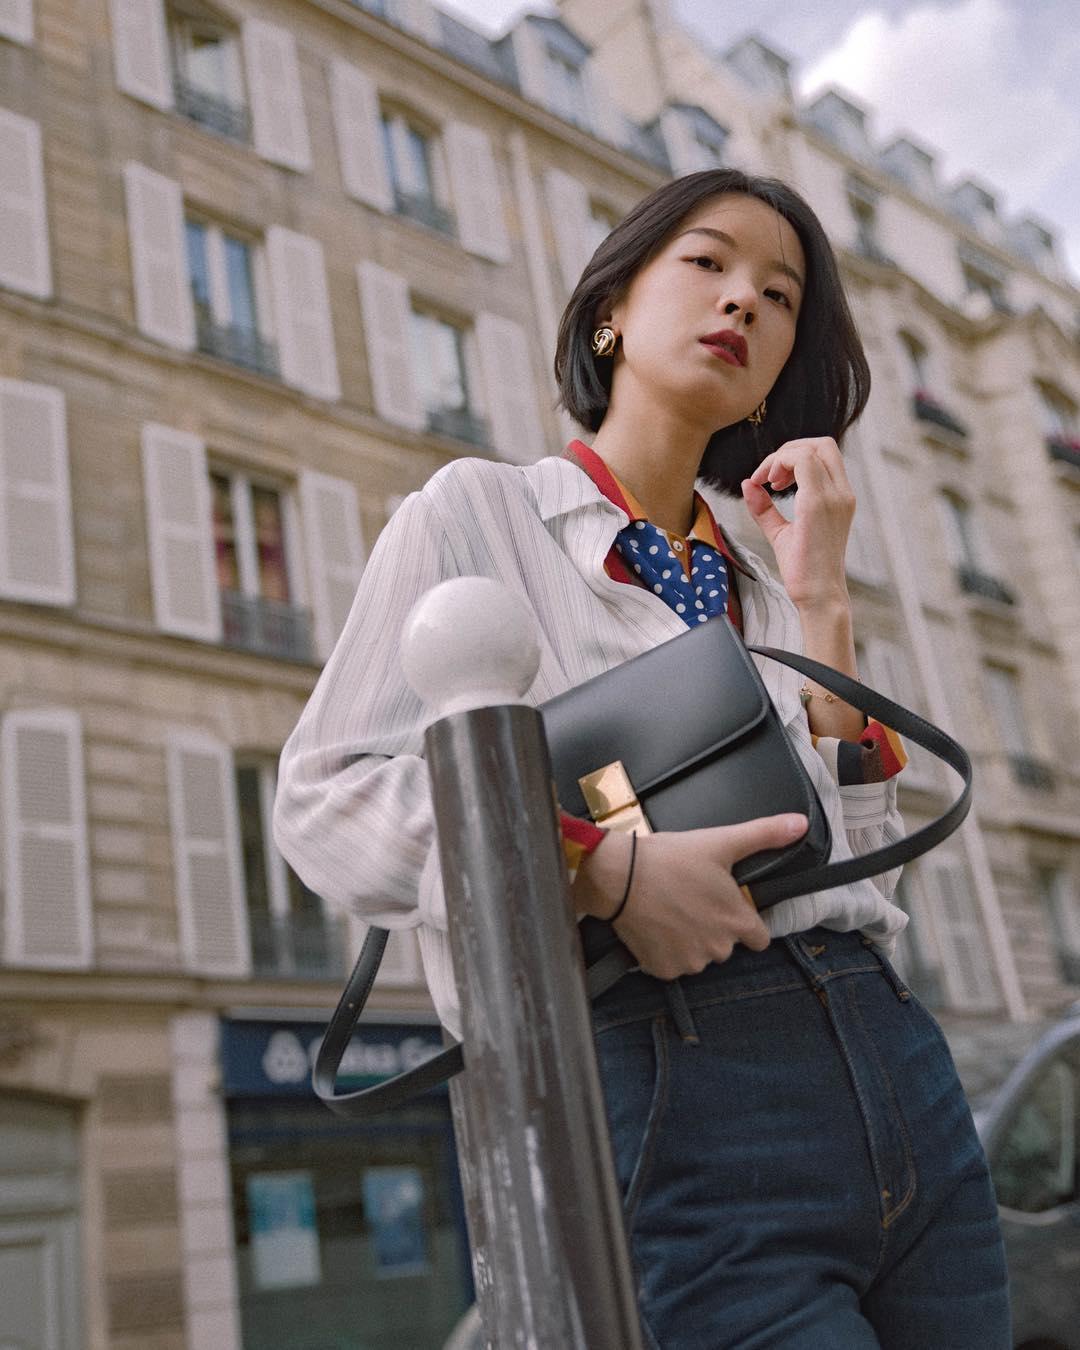 cô gái phối đồ layer với sơ mi trắng áo thun nhiều màu và phụ kiện